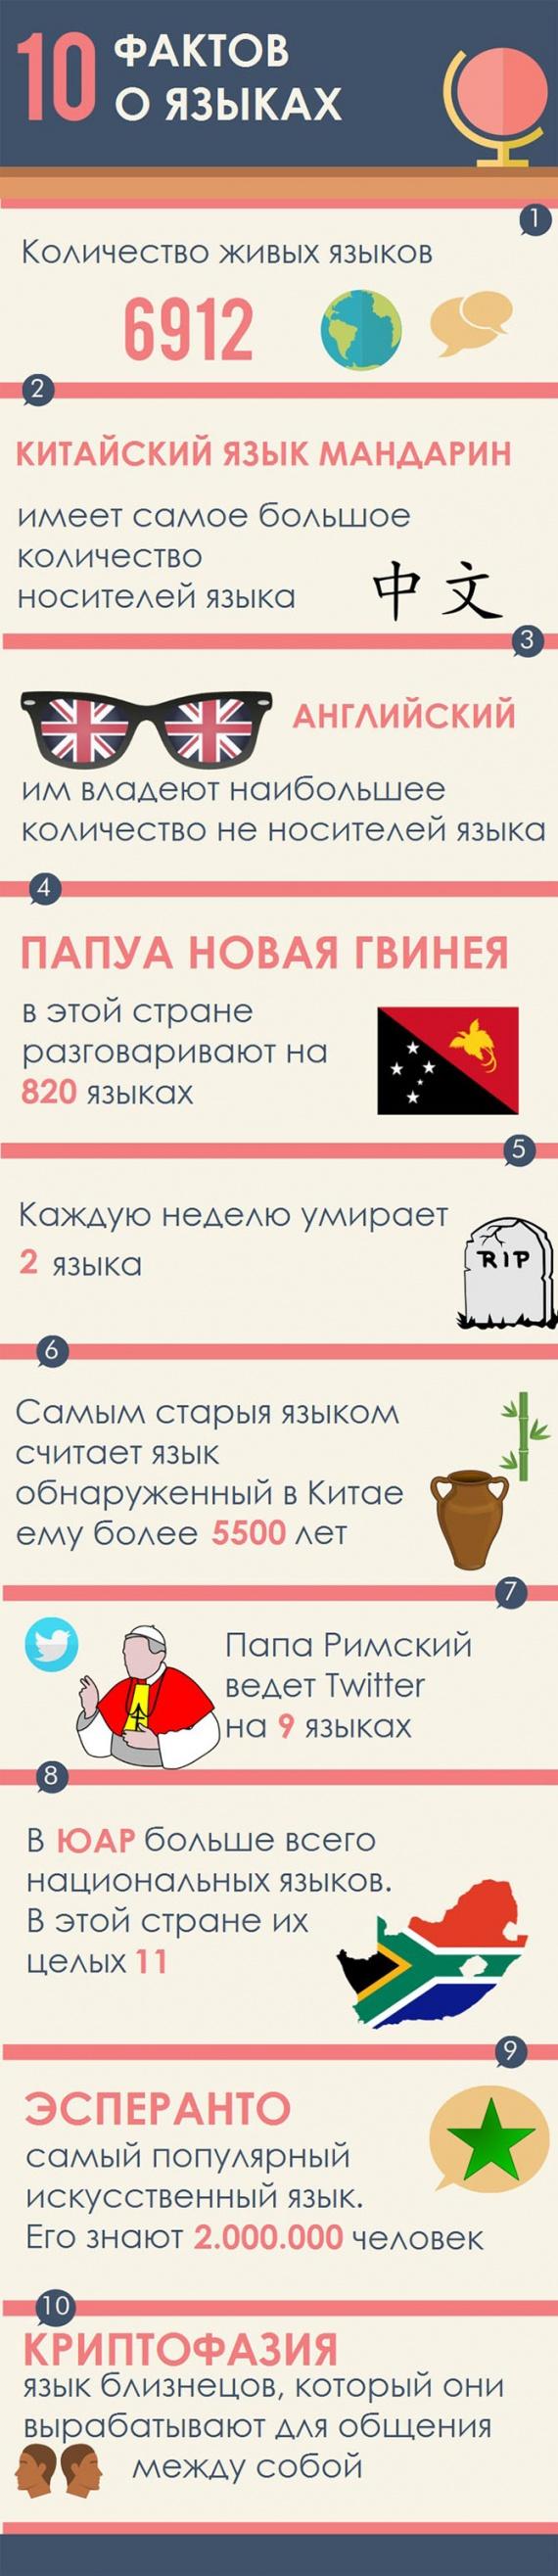 Интересное: Факты о языках